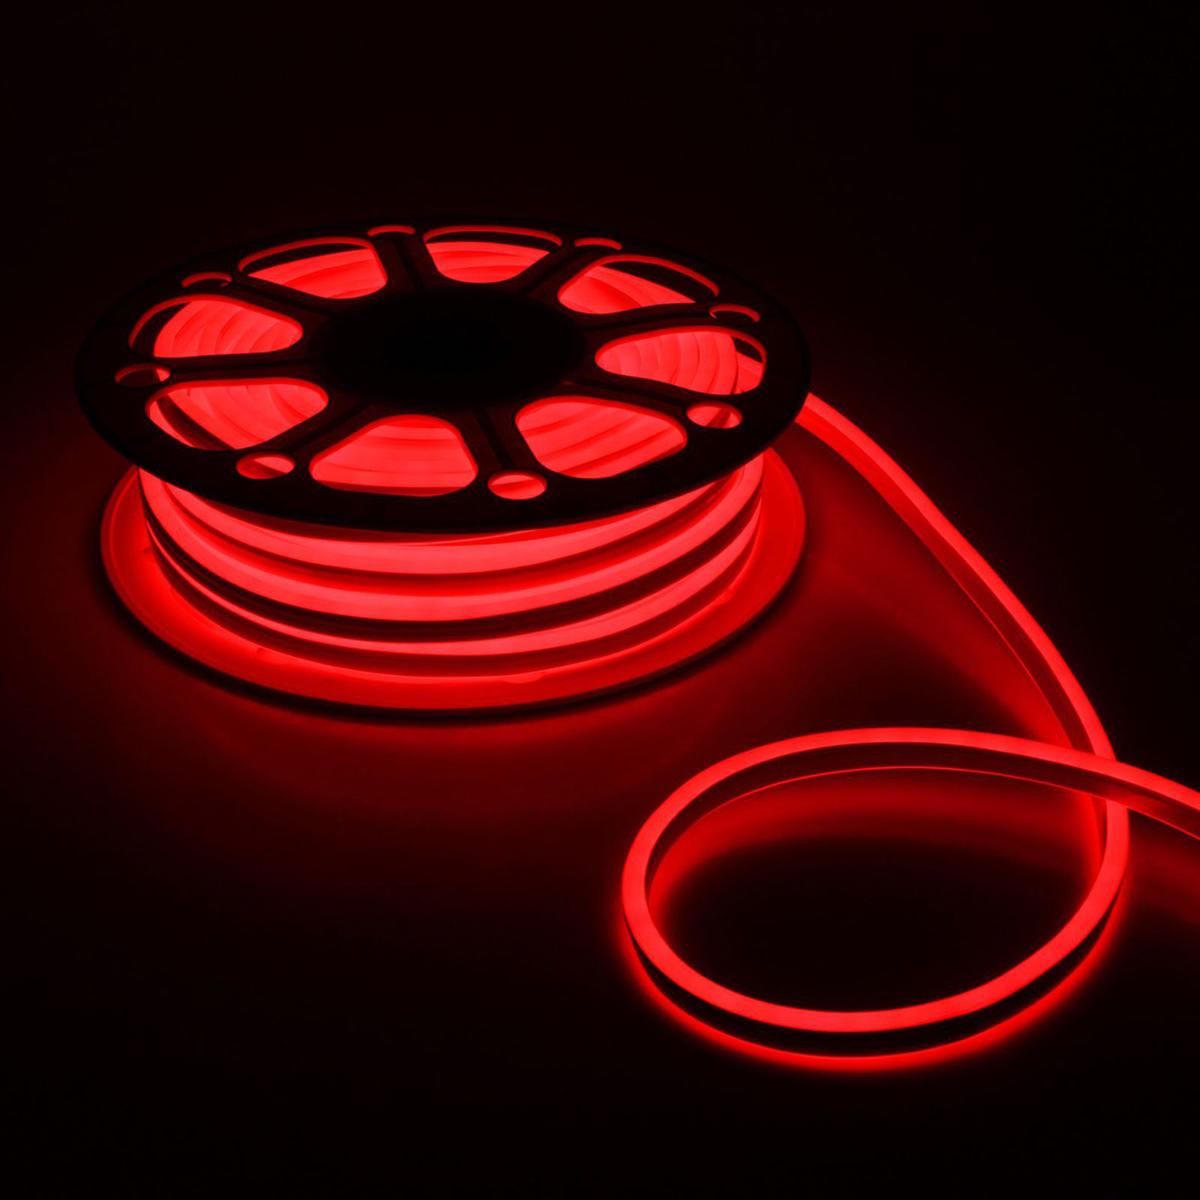 Гирлянда светодиодная Luazon, 120 ламп, 220 V, цвет: красный, 0,8 см х 1,8 см х 25 м. 14312791431279Светодиодные гирлянды, ленты и т.д — это отличный вариант для новогоднего оформления интерьера или фасада. С их помощью помещение любого размера можно превратить в праздничный зал, а внешние элементы зданий, украшенные ими, мгновенно станут напоминать очертания сказочного дворца. Такие украшения создают ауру предвкушения чуда. Деревья, фасады, витрины, окна и арки будто специально созданы, чтобы вы украсили их светящимися нитями.